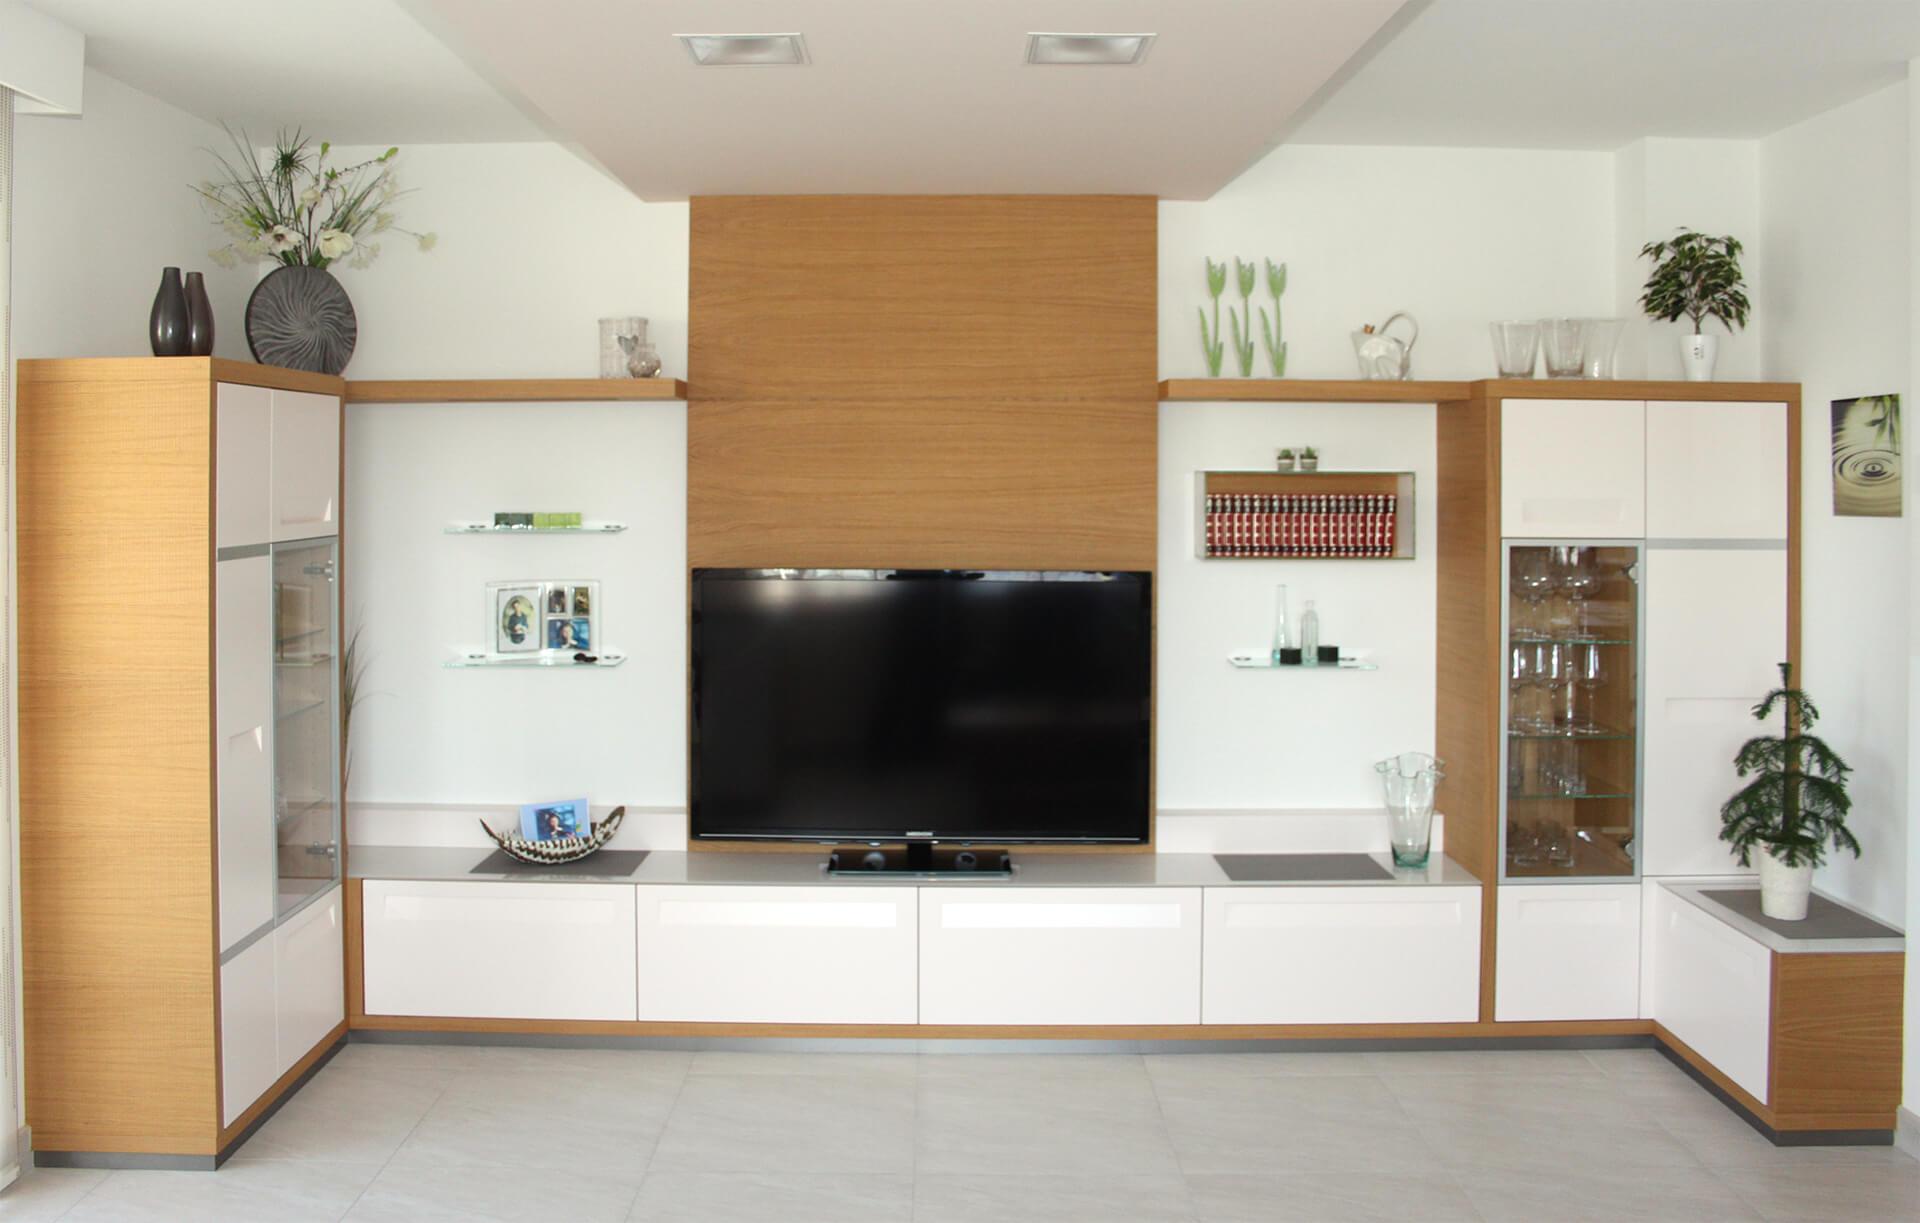 Wohnwand in Weiß lackiert mit Eiche kombiniert